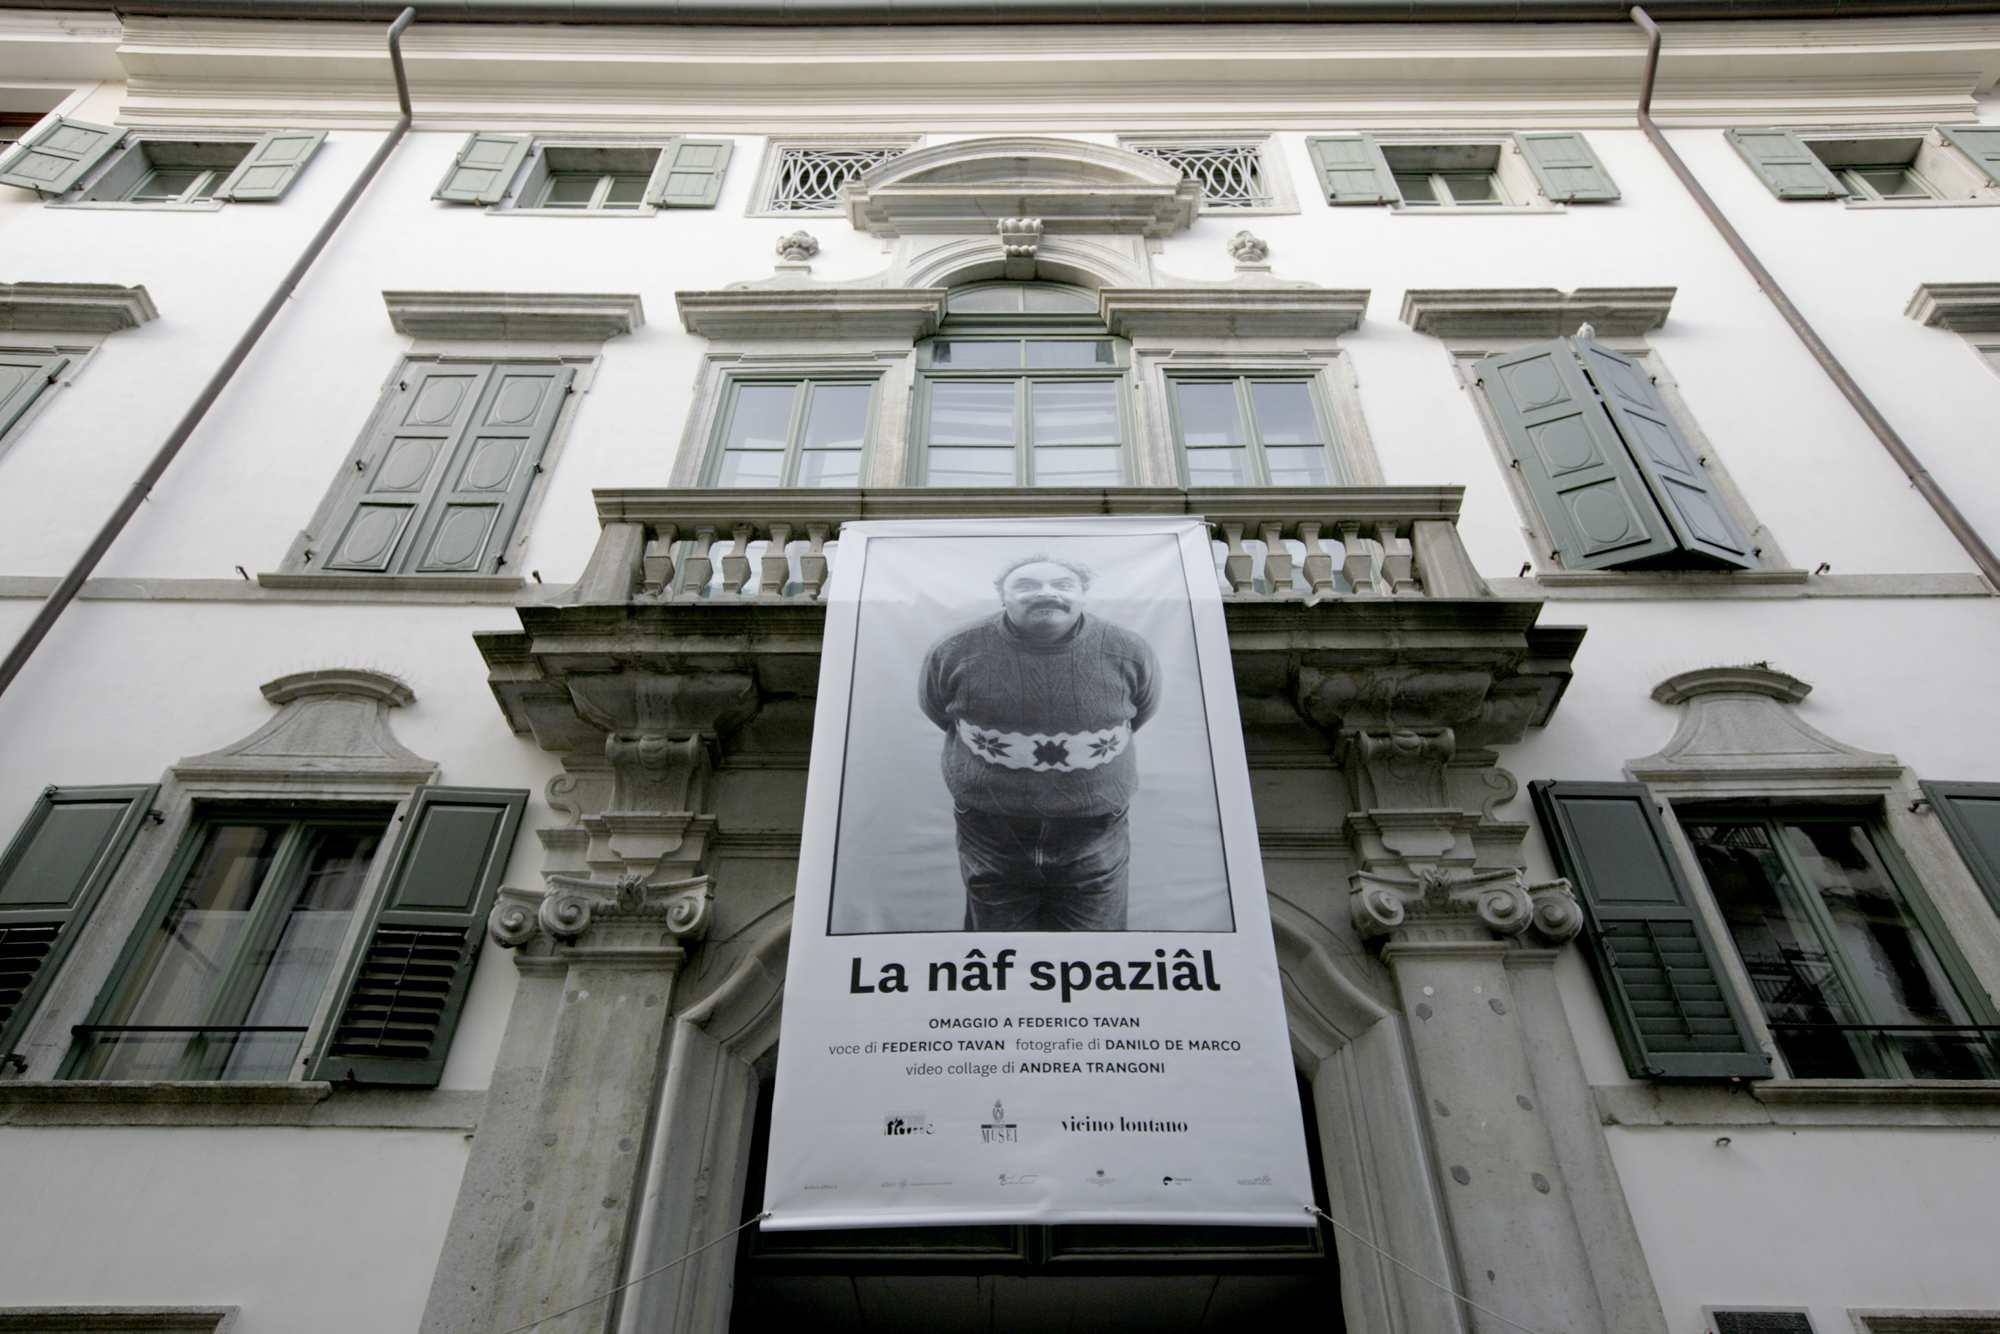 Vicino Lontano 2014 - LA NAF SPAZIAL